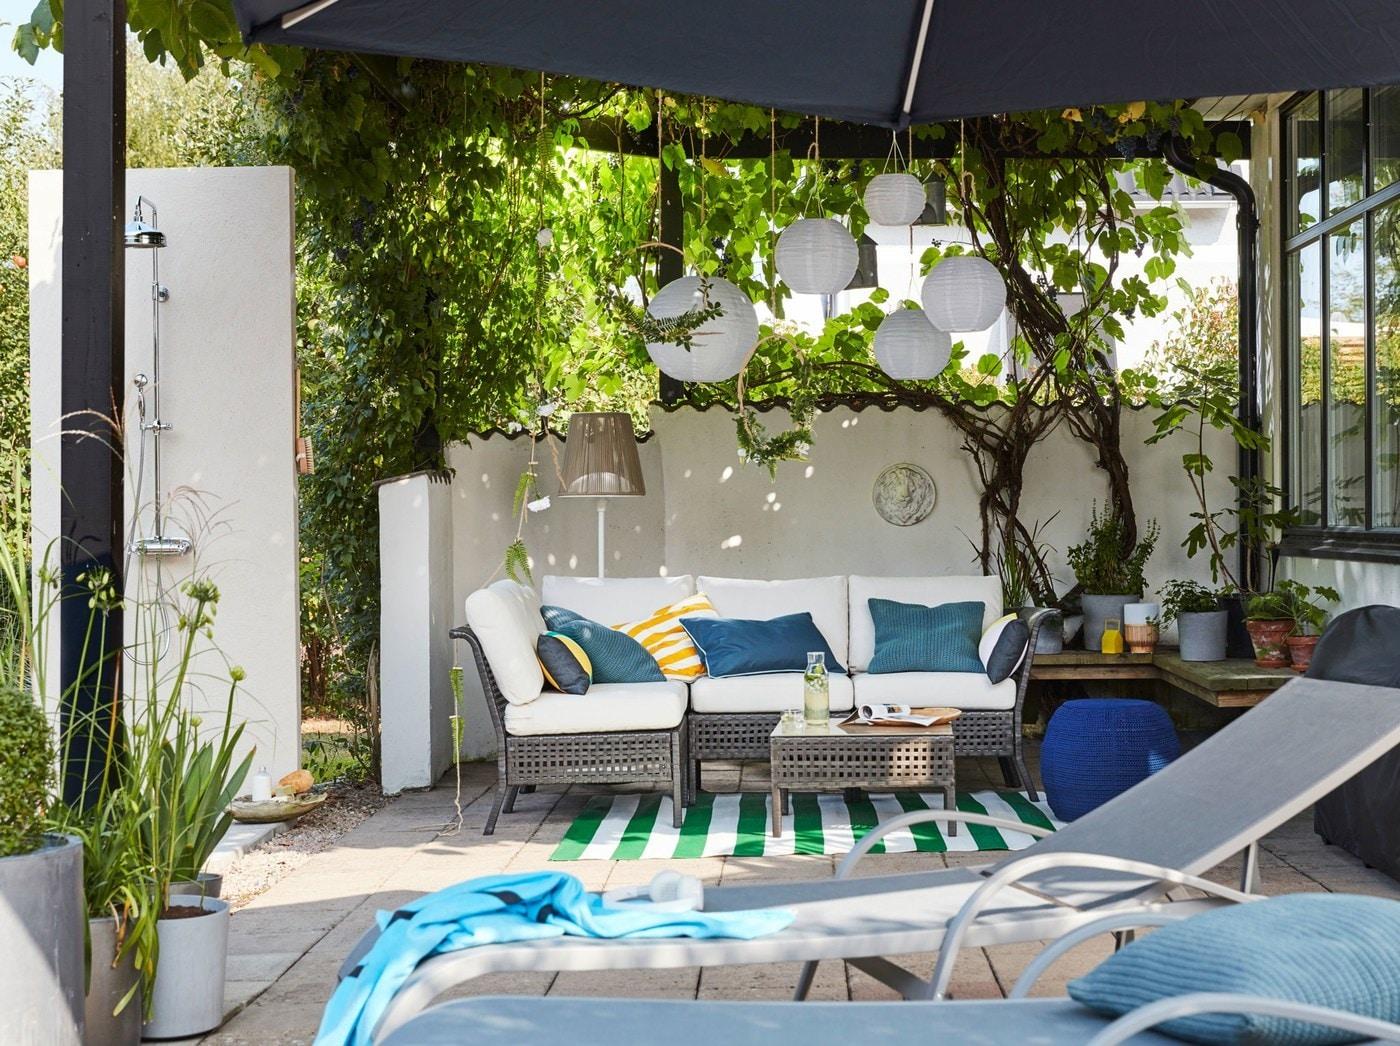 Idee per arredare il tuo spazio all 39 aperto ikea for Ikea ombrelloni terrazzo